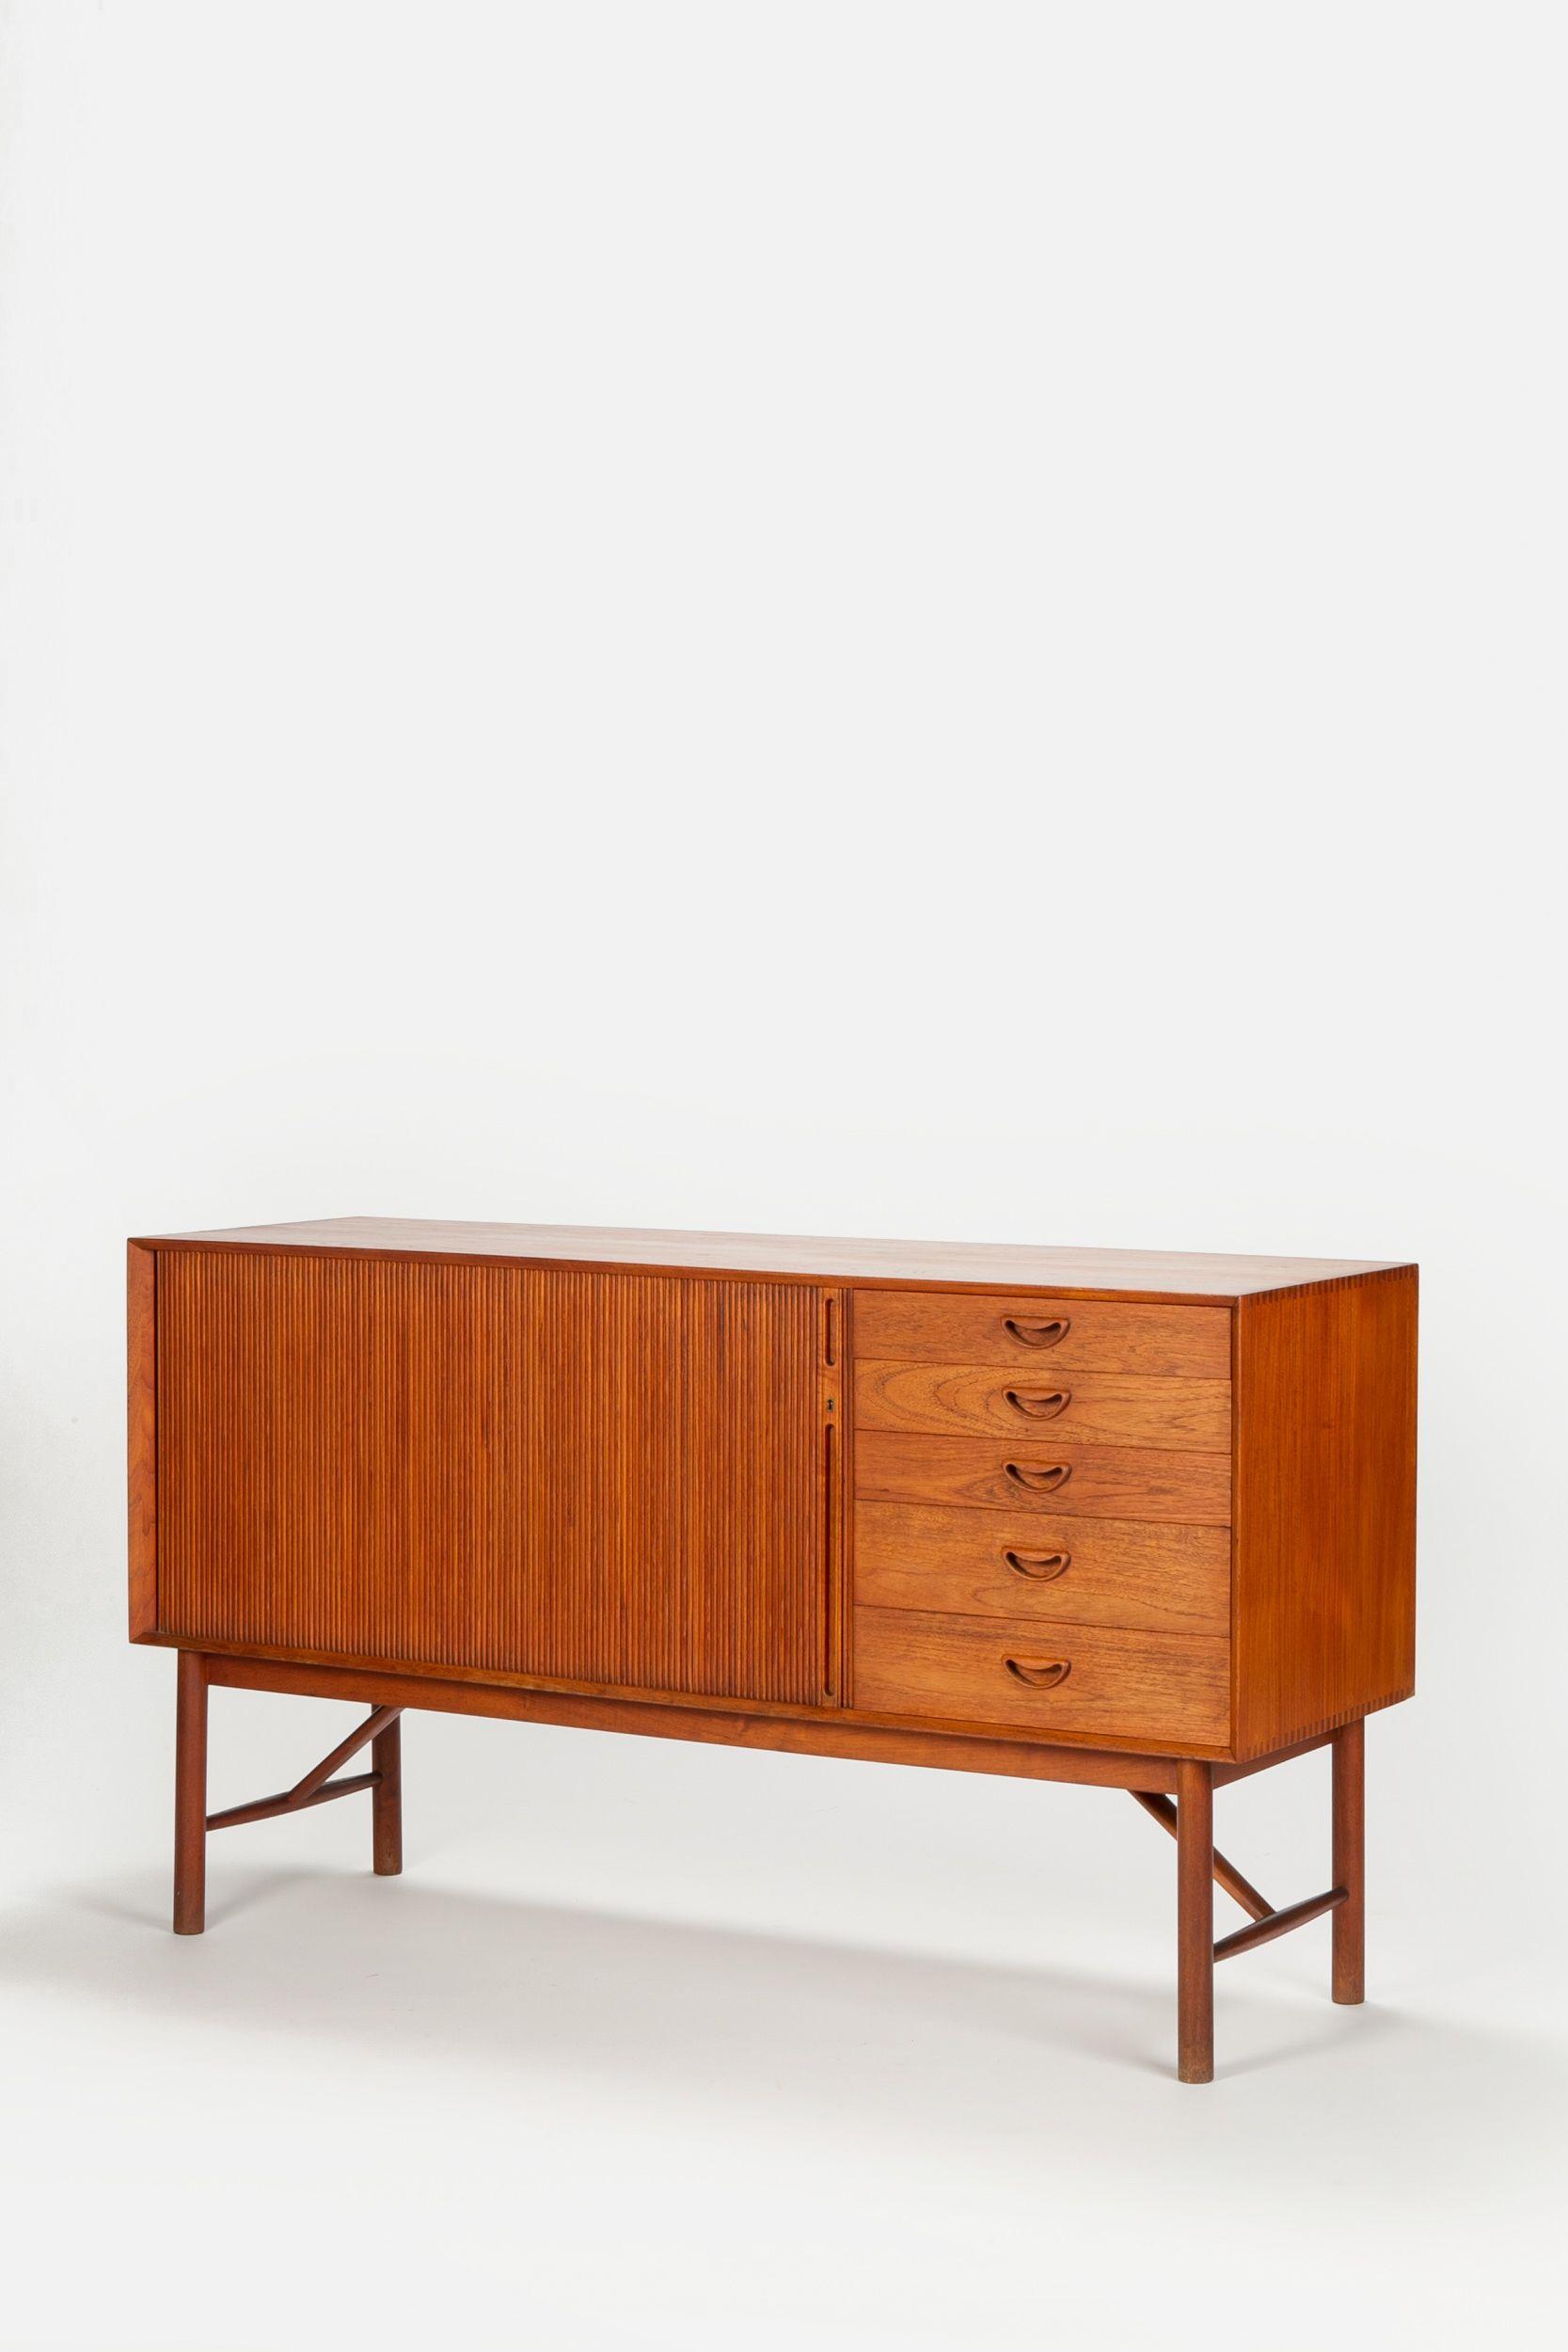 Hvidt Molgaard Nielsen Sideboard Teak Modernes Mobeldesign Vintage Mobel 60er Mobel